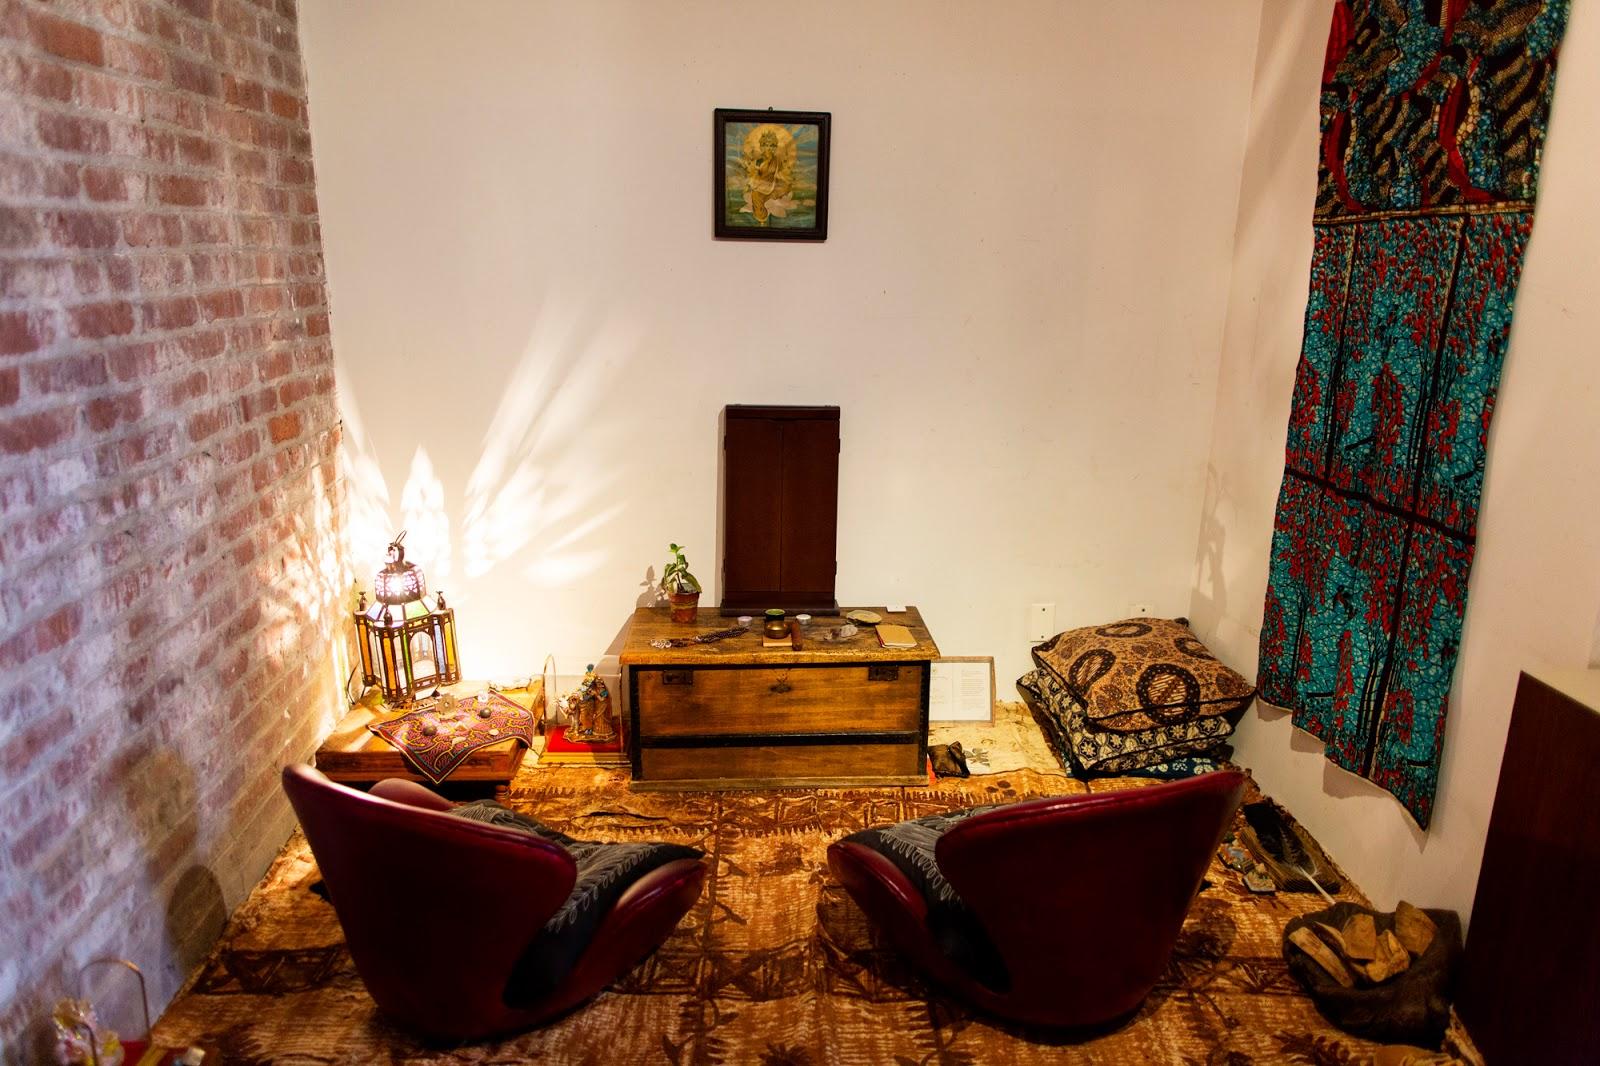 Bohemian Style als Wohnstil: Teppiche, Hängematte und Pflanzen